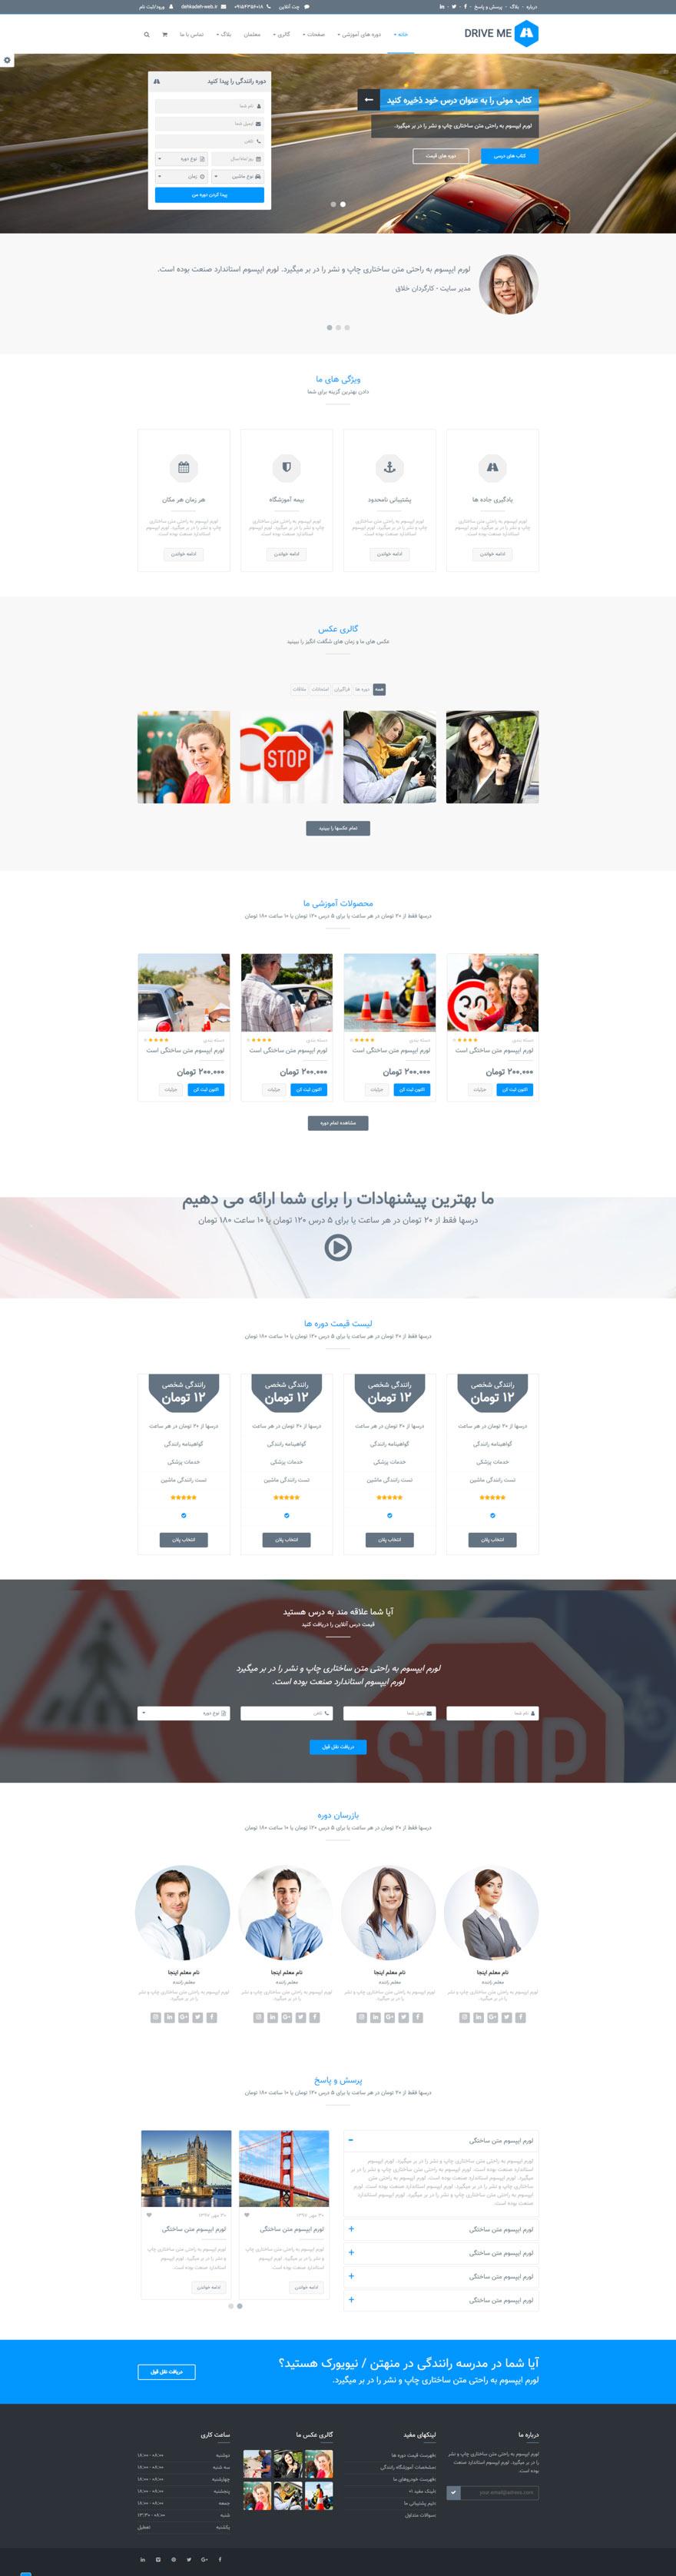 طراحی سایت اموزشگاه رانندگی بخش3